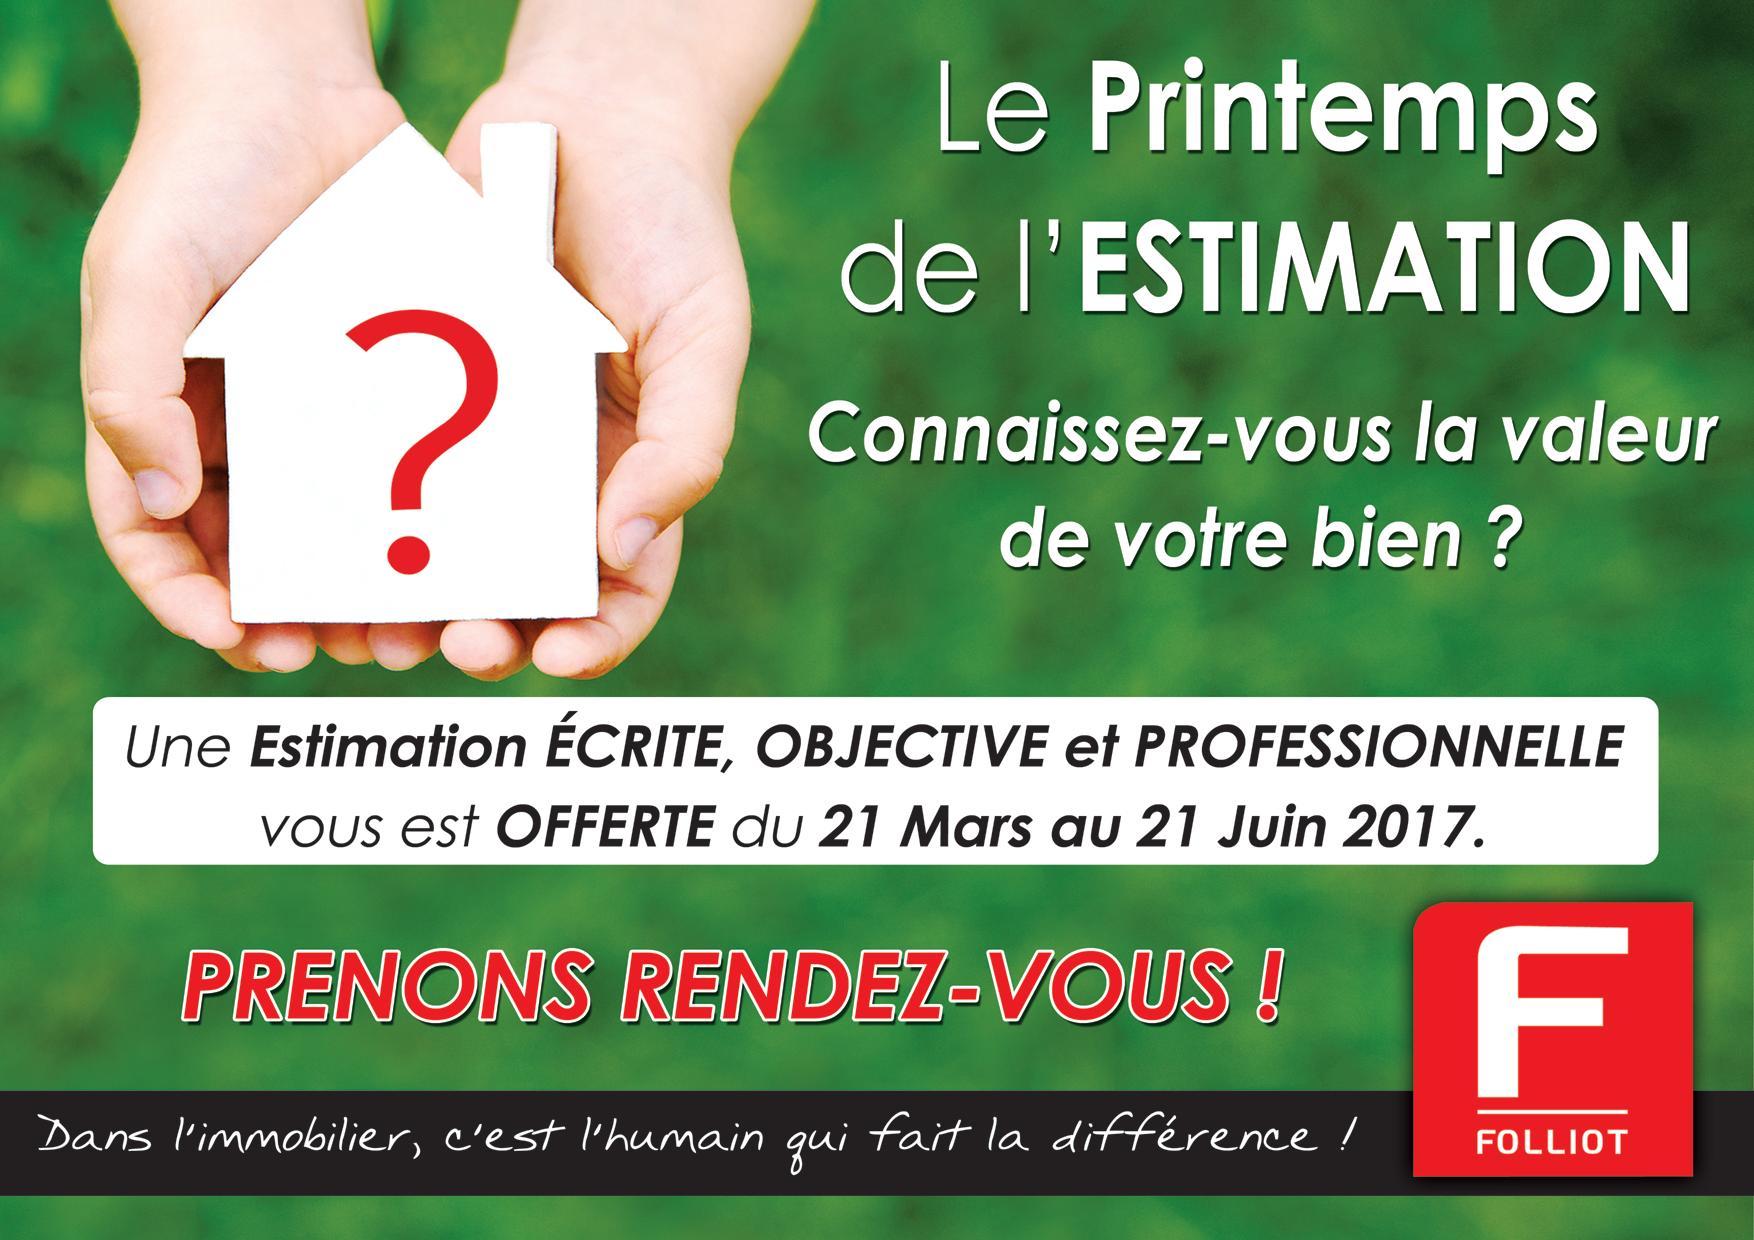 Cabinet Folliot rseau dagences immobilires en Normandie  Granville